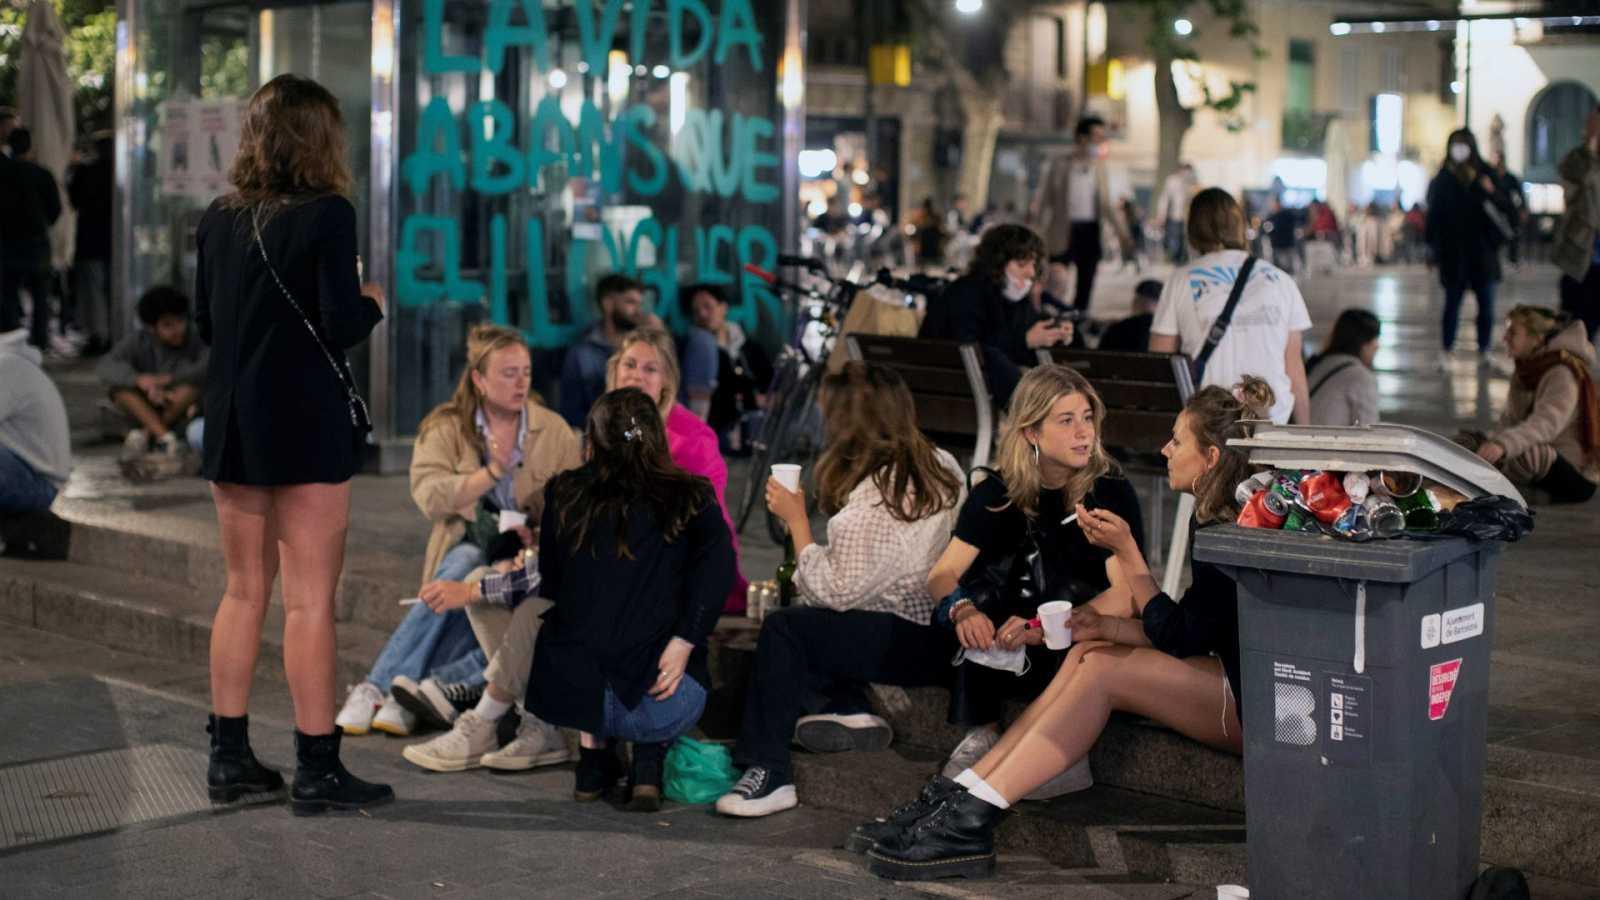 Unos jóvenes se divierten en una plaza del barrio de Gracia, en Barcelona